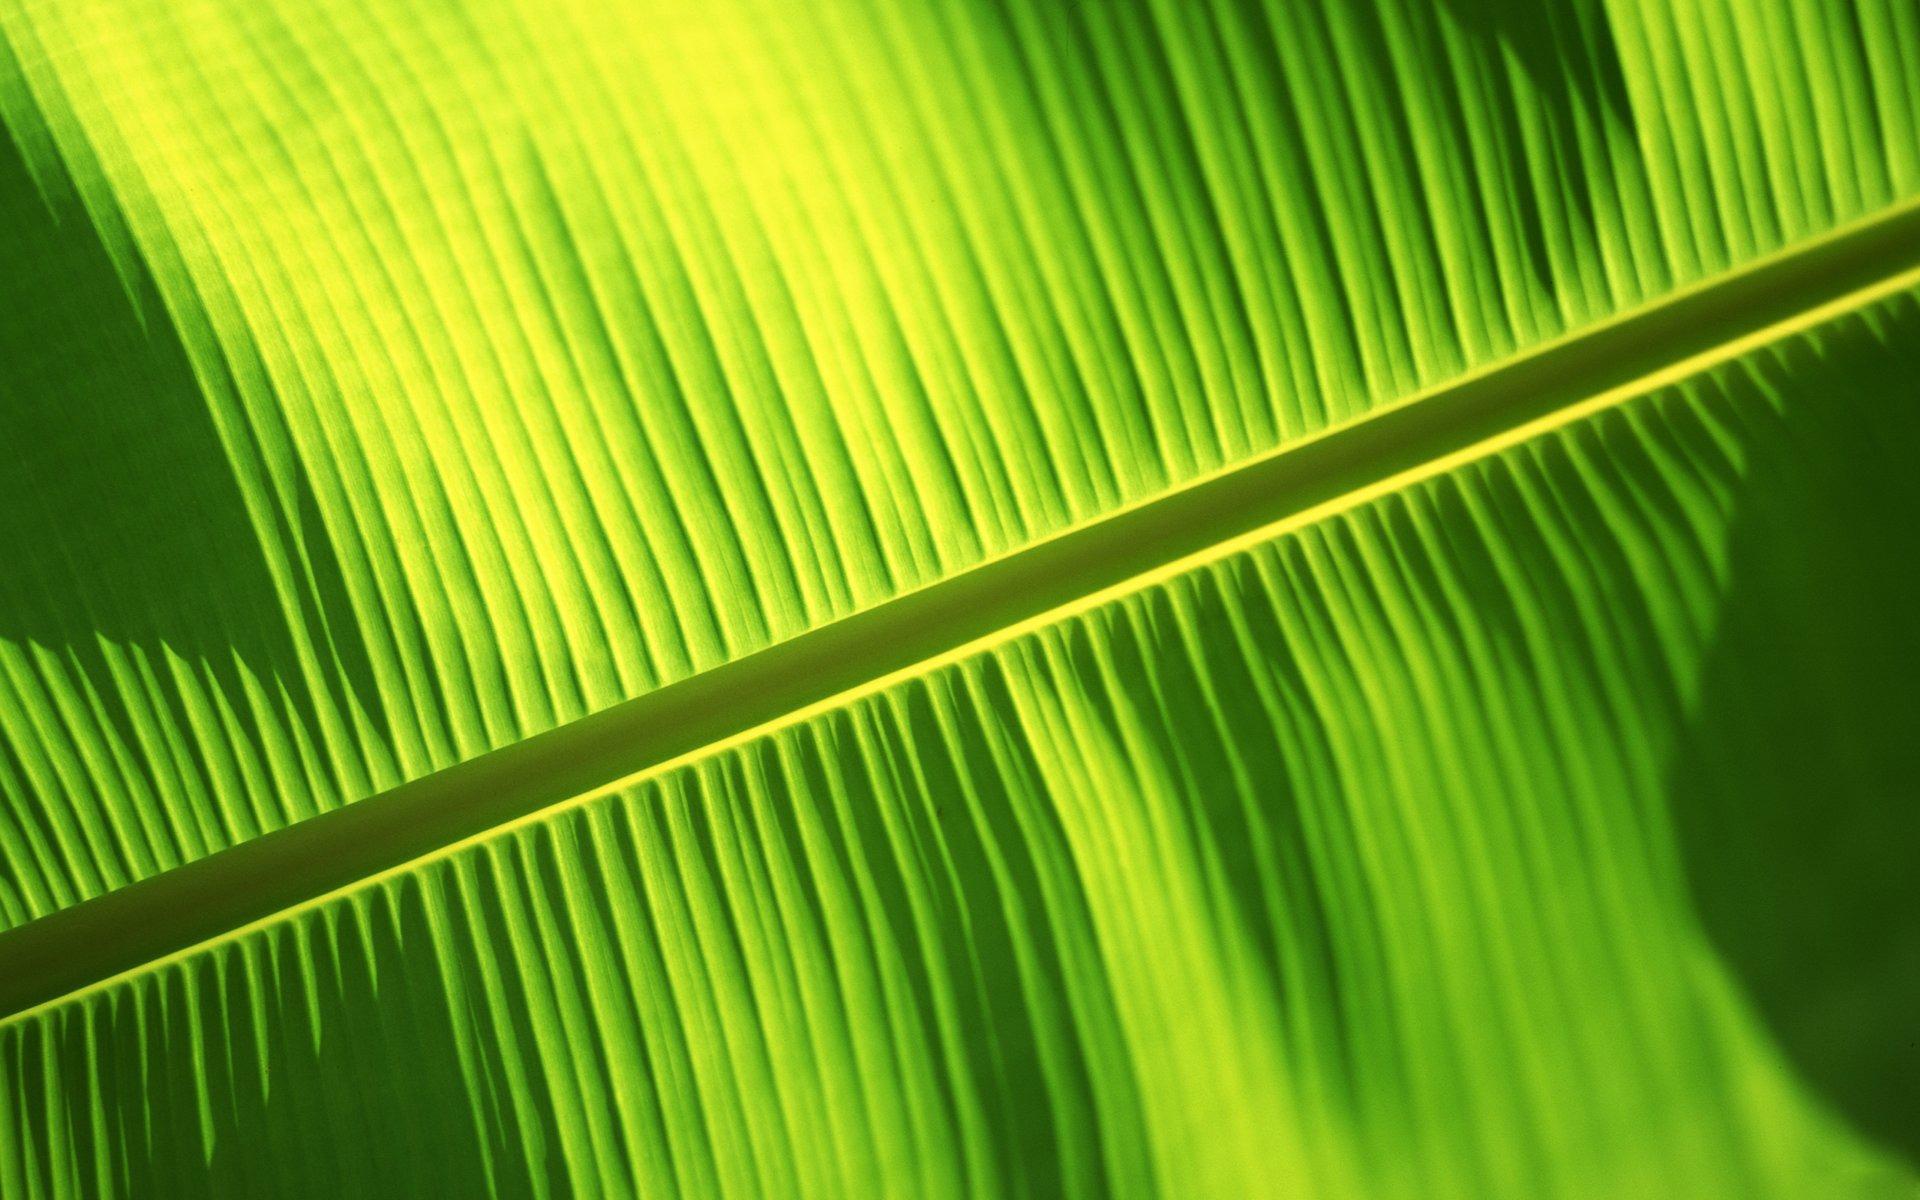 Fall Leaves Wallpaper For Desktop Banana Leaf Backgrounds Pixelstalk Net